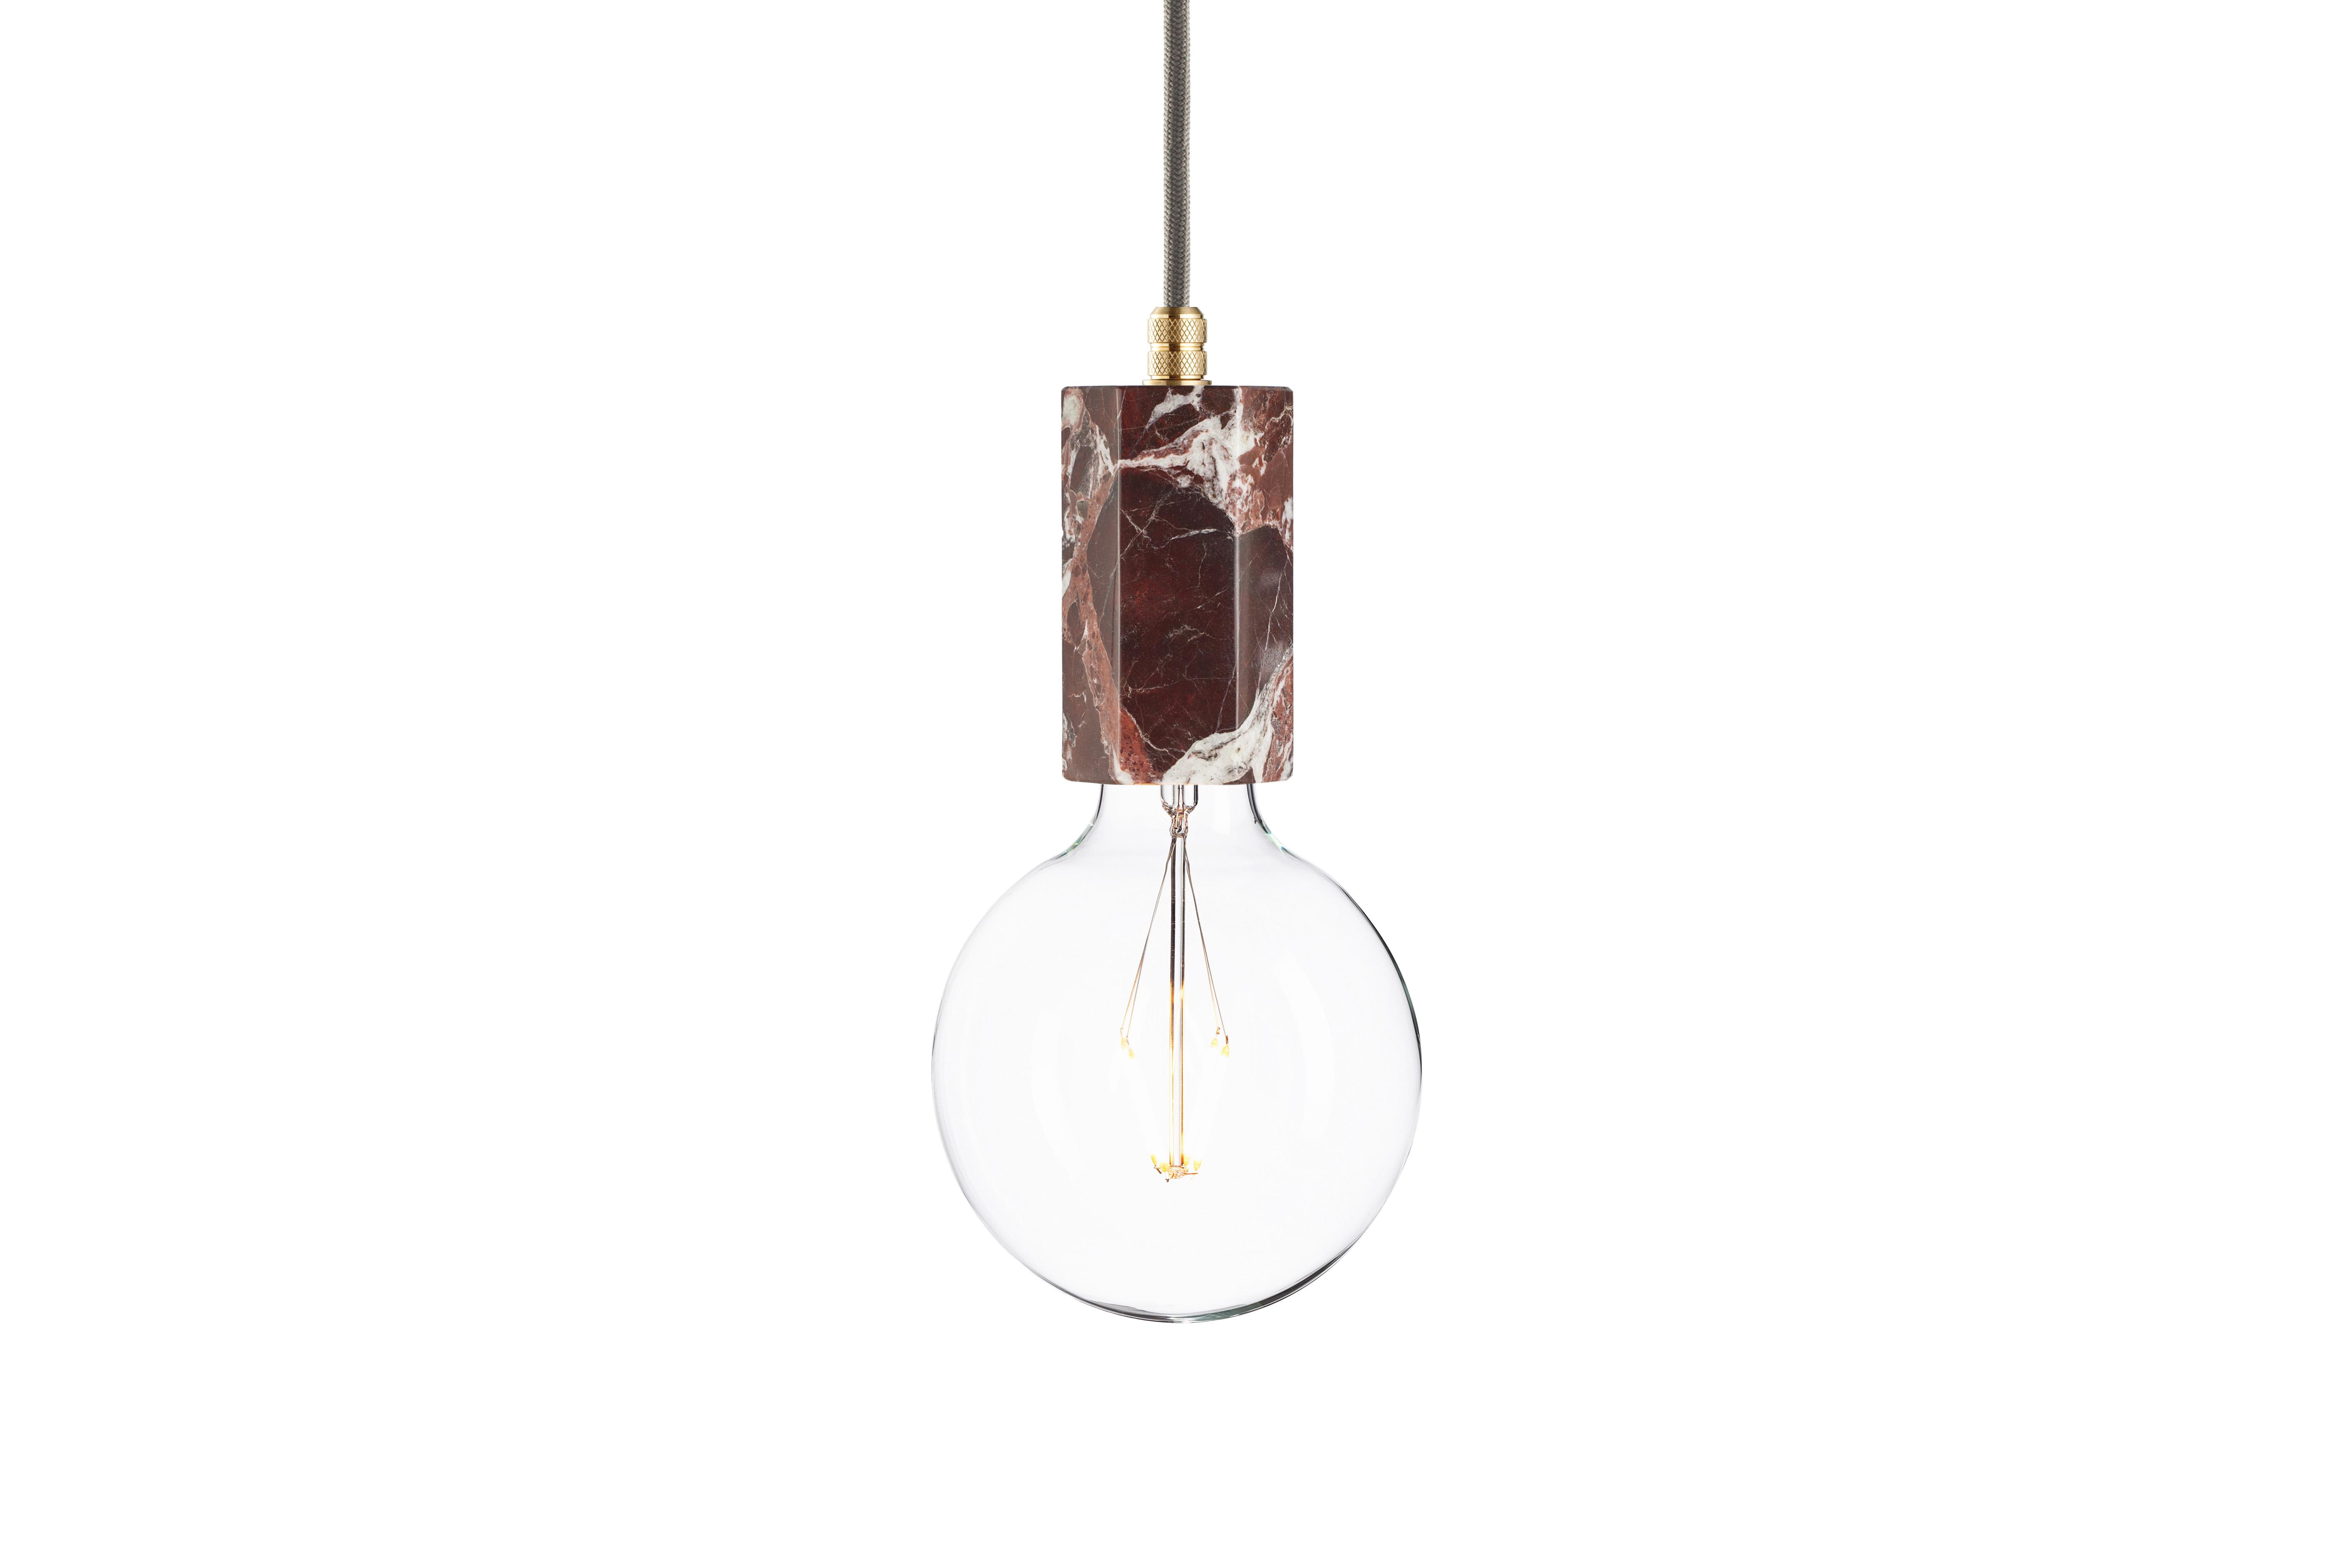 Подвесной светильник Marmor TromПодвесные светильники<br>Светлые линии великолепных узоров сморятся ярко и контрастно на фоне благородного темно-вишневого цвета. Рисунок натурального мрамора дарит особую элегантность оформлению подвесного светильника &amp;quot;Marmor Trom&amp;quot;. Он делает его минималистичный декор в стиле лофт роскошным. Прекрасный пример придания изысканности вещам при помощи отделки.&amp;amp;nbsp;&amp;lt;div&amp;gt;&amp;lt;br&amp;gt;&amp;lt;/div&amp;gt;&amp;lt;div&amp;gt;Лампочка приобретается отдельно. Цоколь Е27, максимальная мощность лампочки - 60 W, длина шнура - 3 м.&amp;amp;nbsp;&amp;amp;nbsp;&amp;lt;/div&amp;gt;&amp;lt;div&amp;gt;Материал: корпус - мрамор Rosso Levanto, фурнитура - латунь, сталь, патрон - пластик, кабель в оплетке. Под заказ. Срок изготовления 3 недели.&amp;amp;nbsp;&amp;lt;/div&amp;gt;<br><br>Material: Мрамор<br>Height см: 12<br>Diameter см: 6